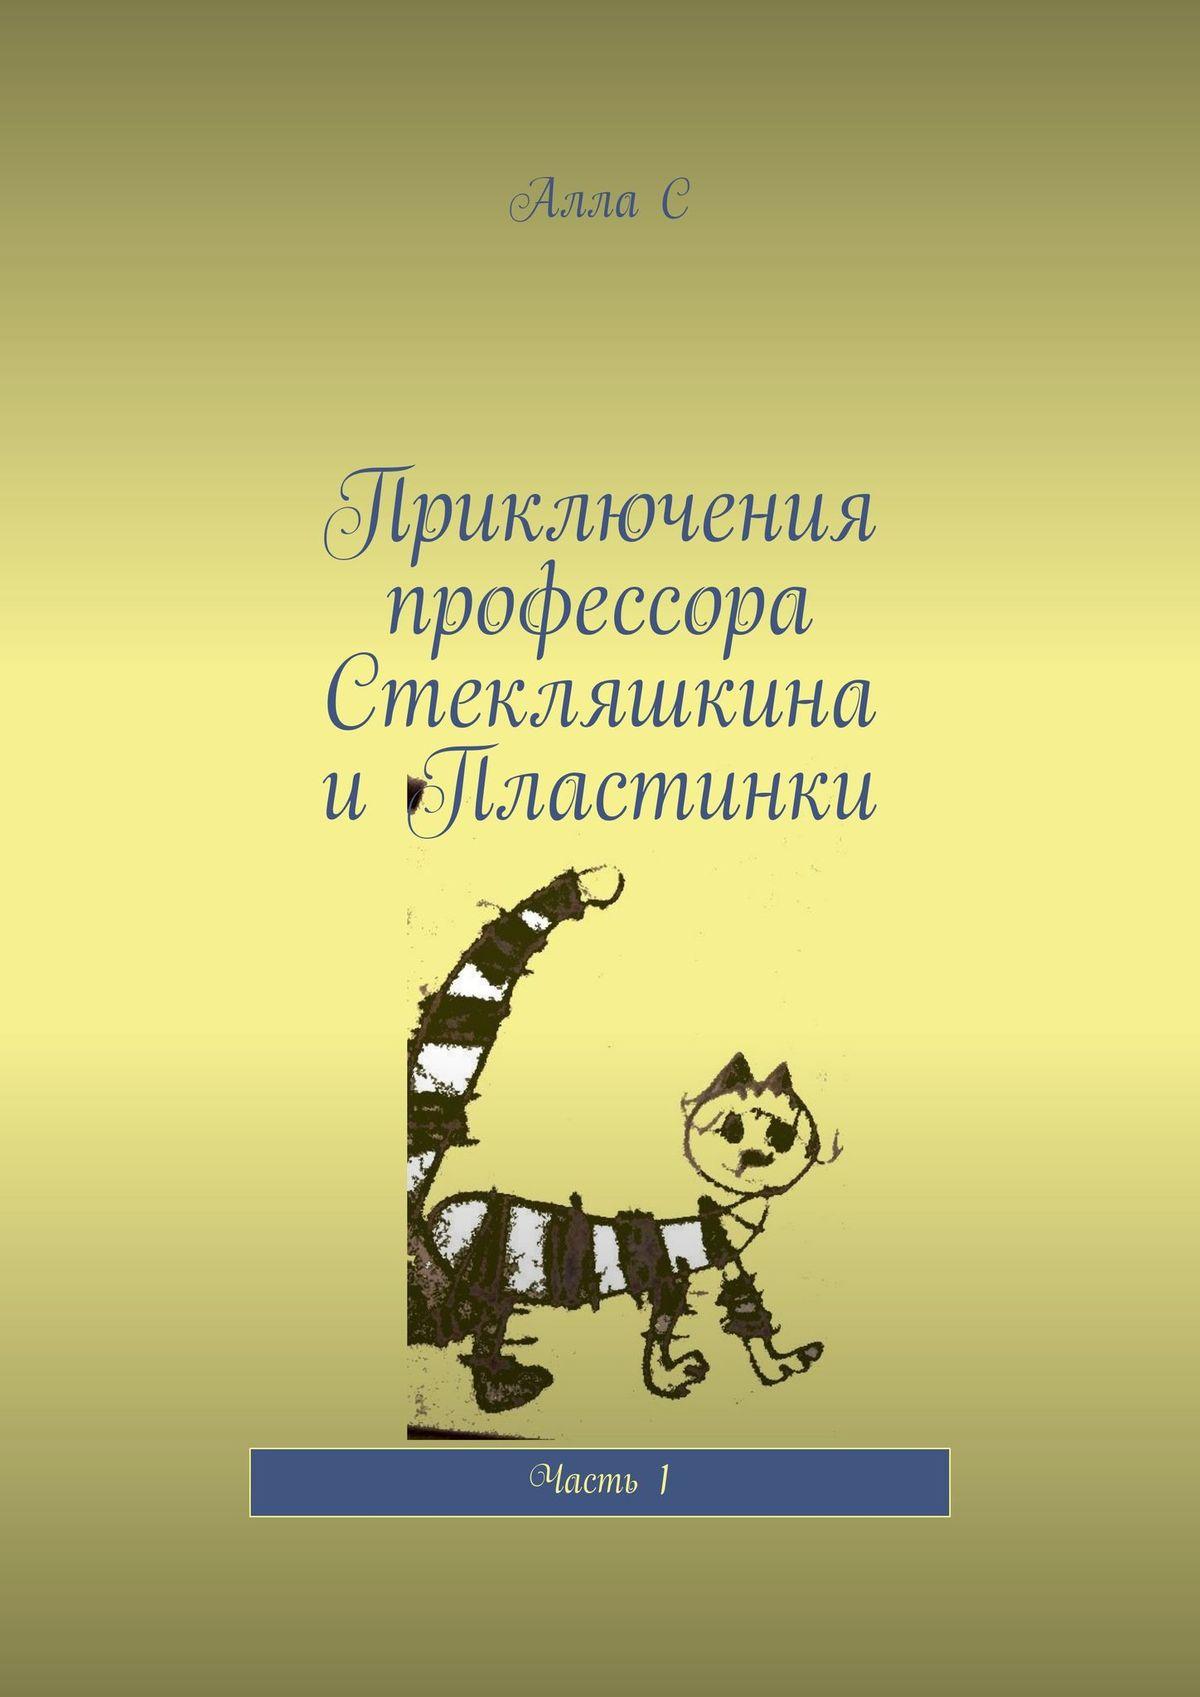 Приключения профессора Стекляшкина иПластинки. Невероятная история для детей